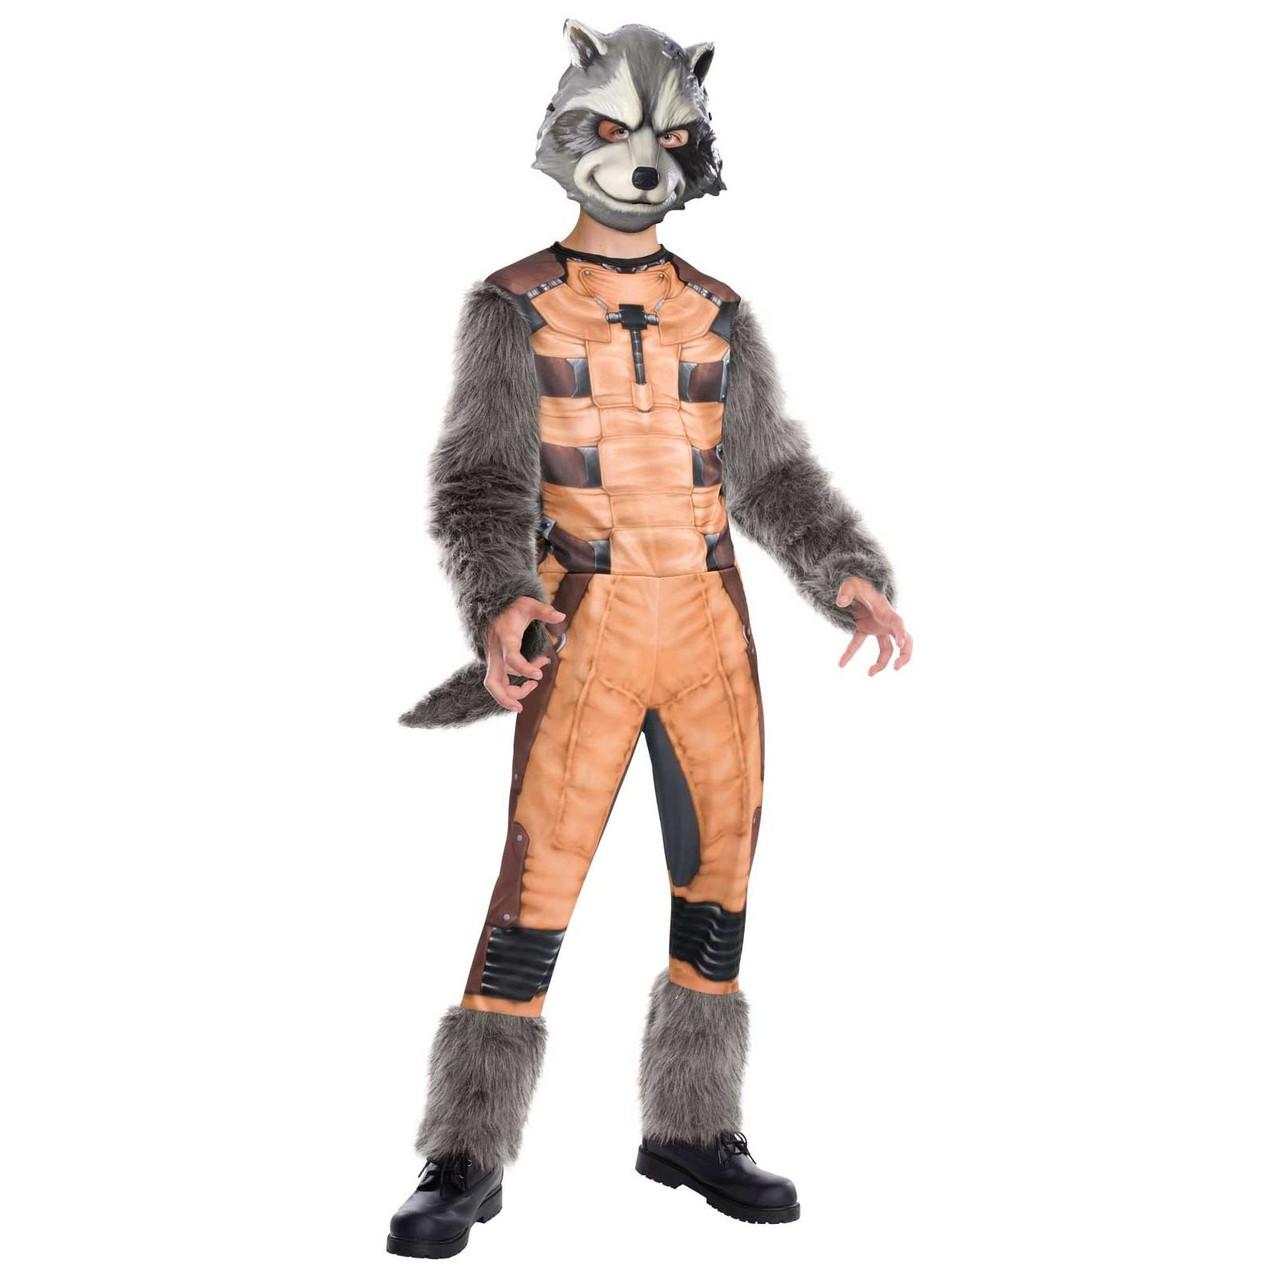 Карнавальный костюм Енот Ракета Стражи Галактики 8bee08f7caec1